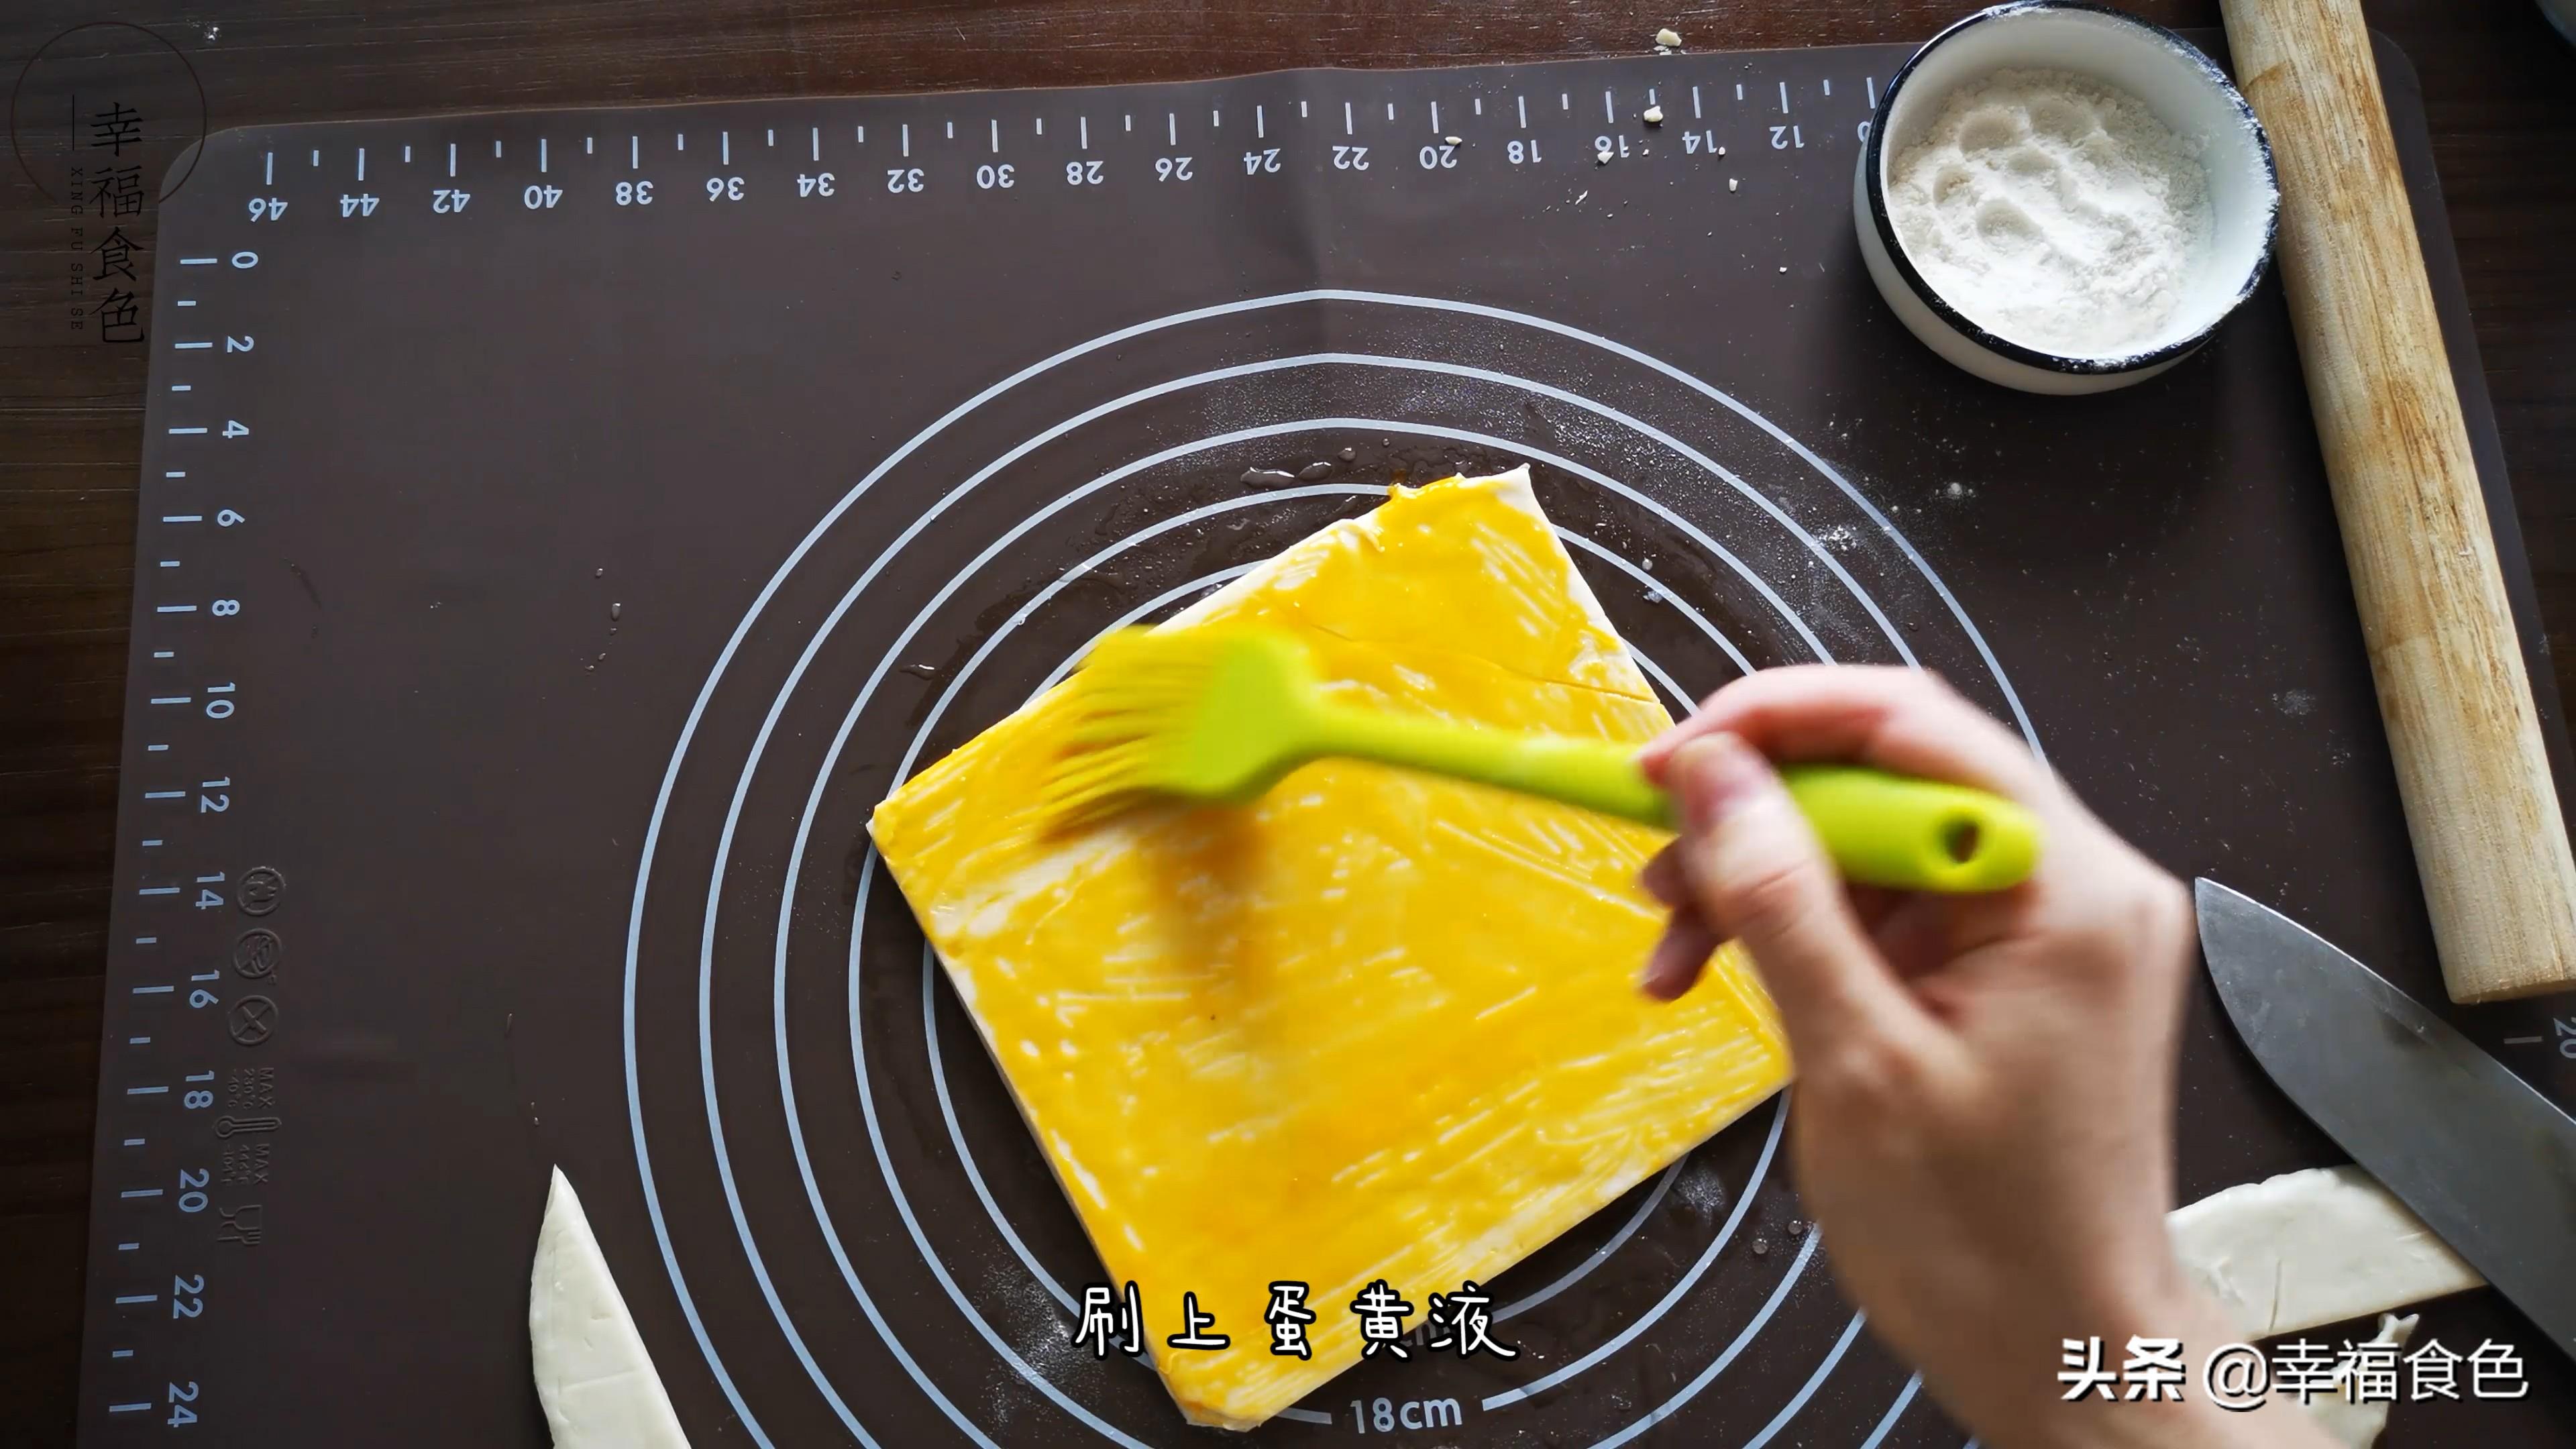 看一遍就学会的杏仁酥做法,毫无难度,新手也能轻松成功